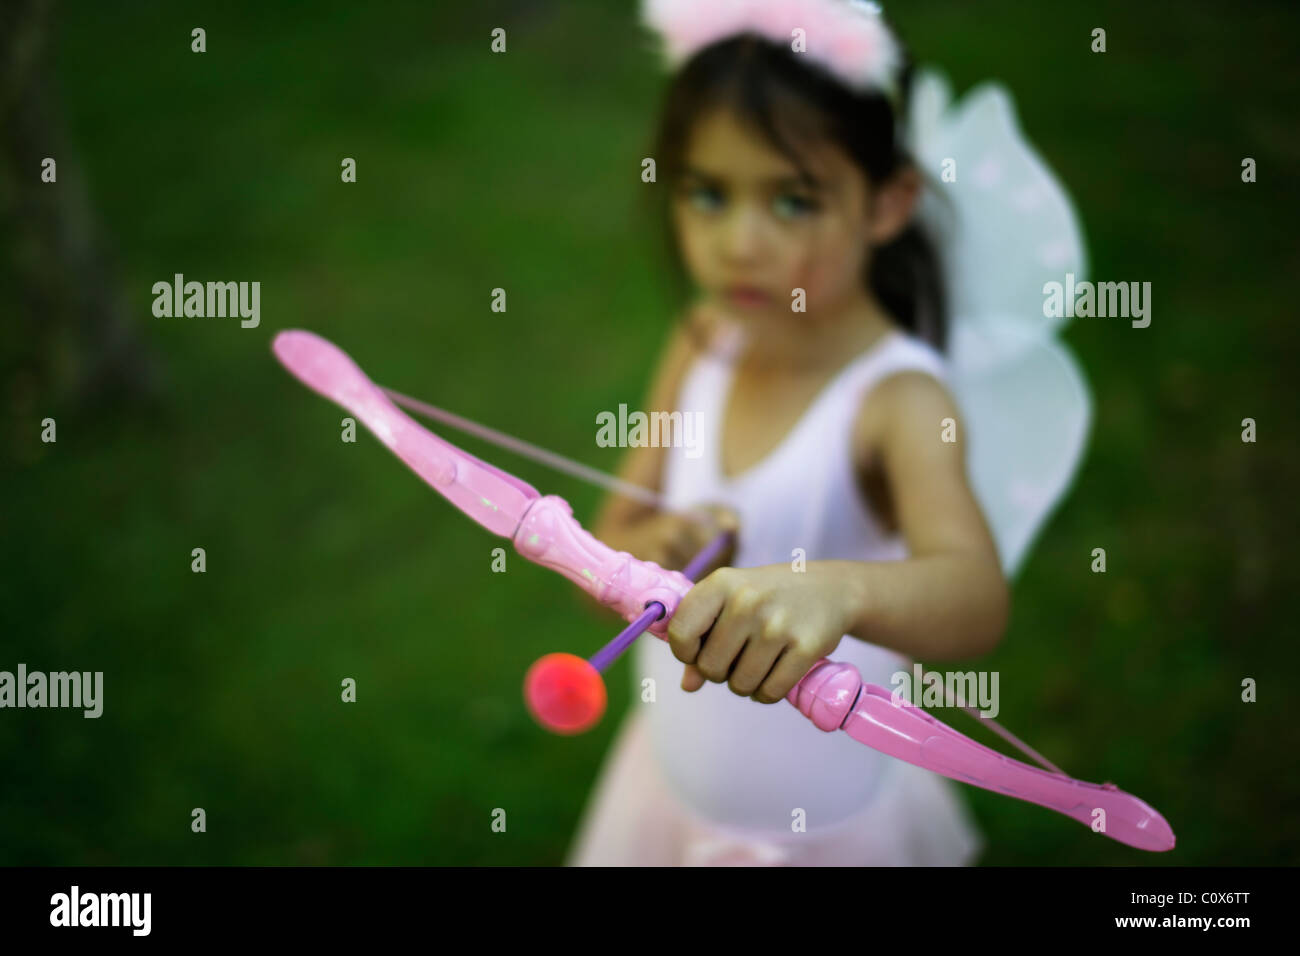 Cinco años de edad, niña niña en traje de hada de color rosa con arco y flecha Imagen De Stock